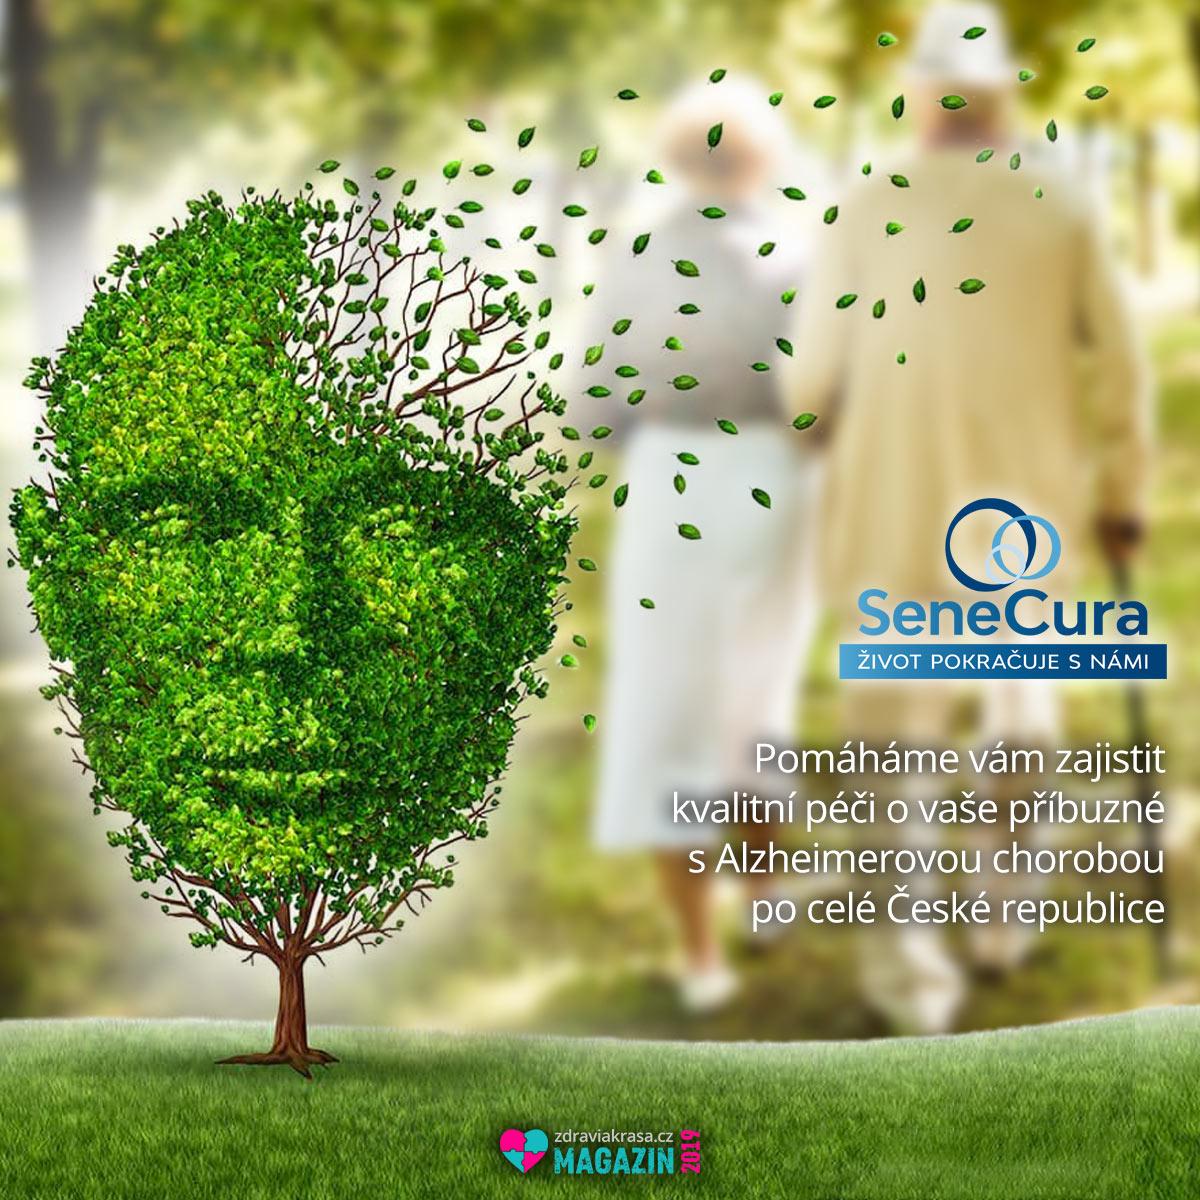 SeneCura největším soukromým provozovatelem tzv. domovů se zvláštním režimem pro lidi trpící Alzheimerovou chorobou a dalšími formami demence.